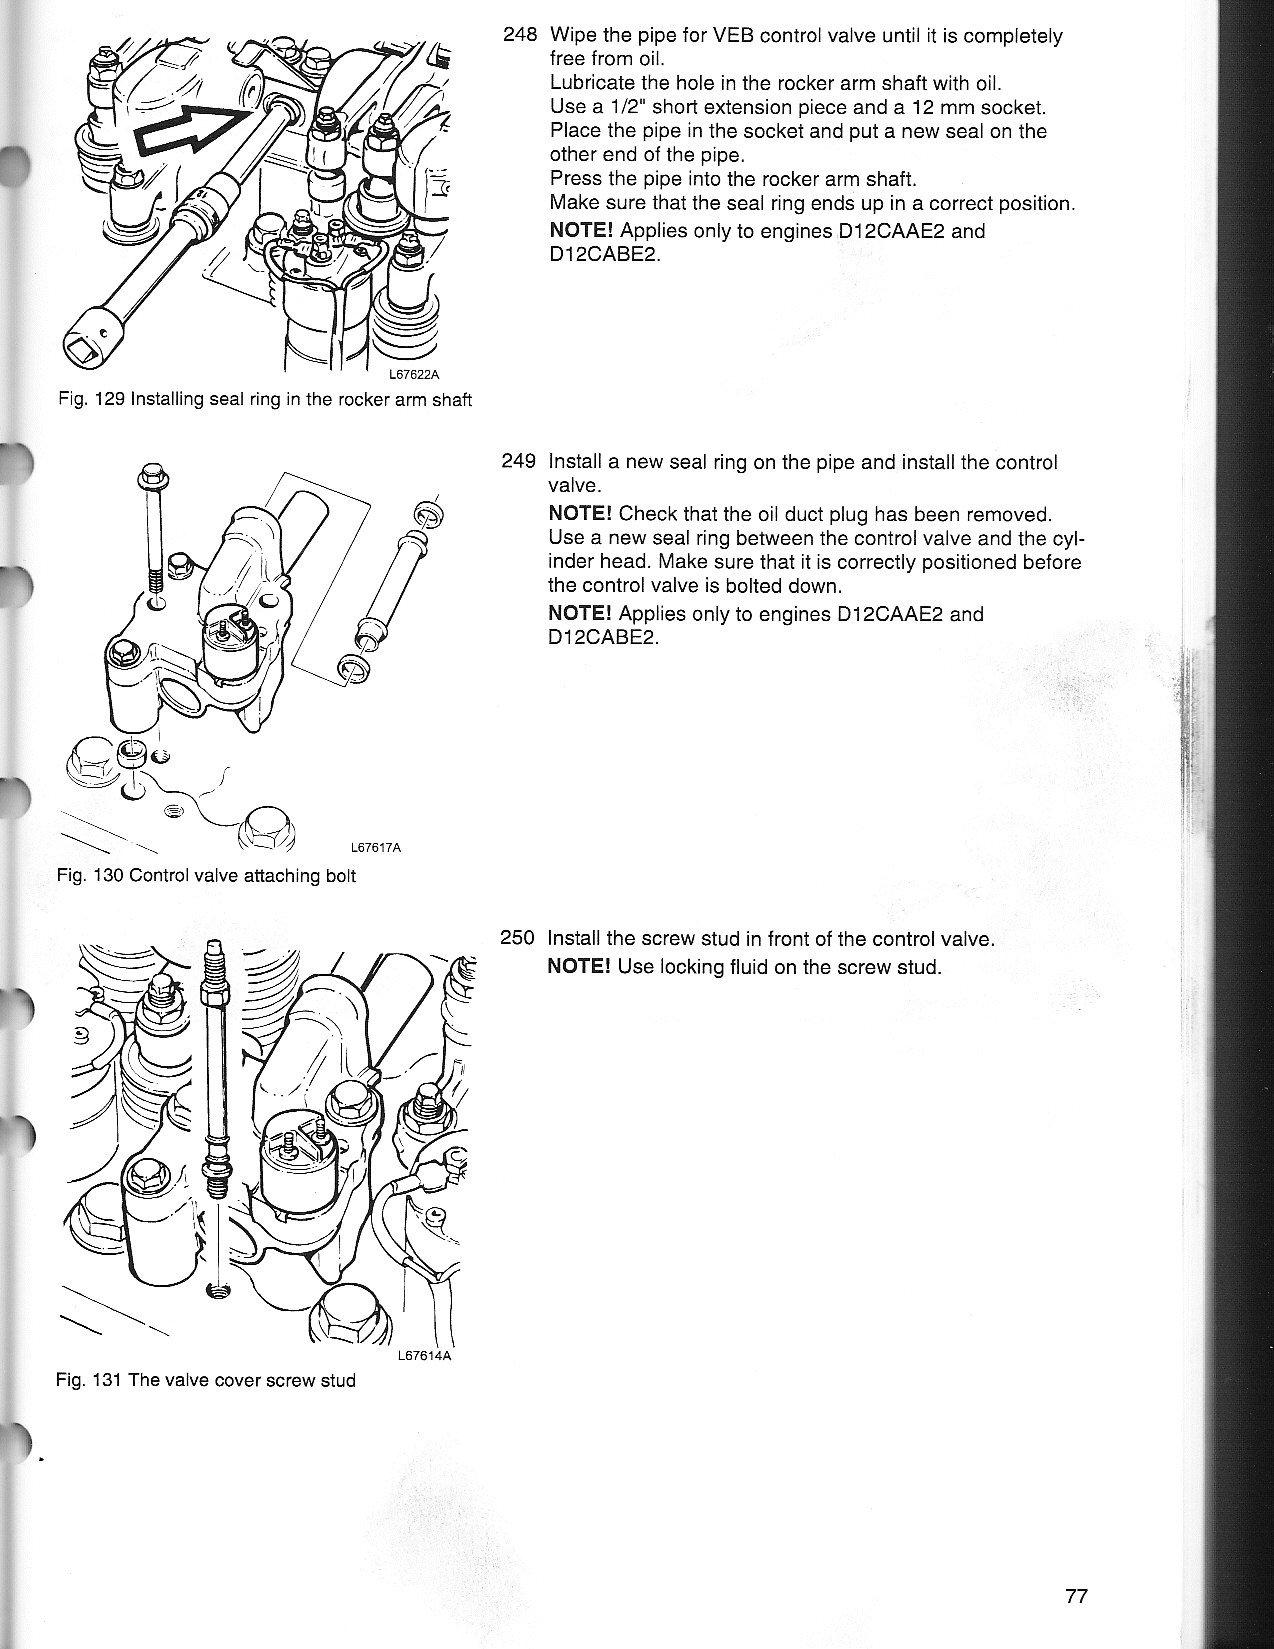 dt466 rocker arm torque specs